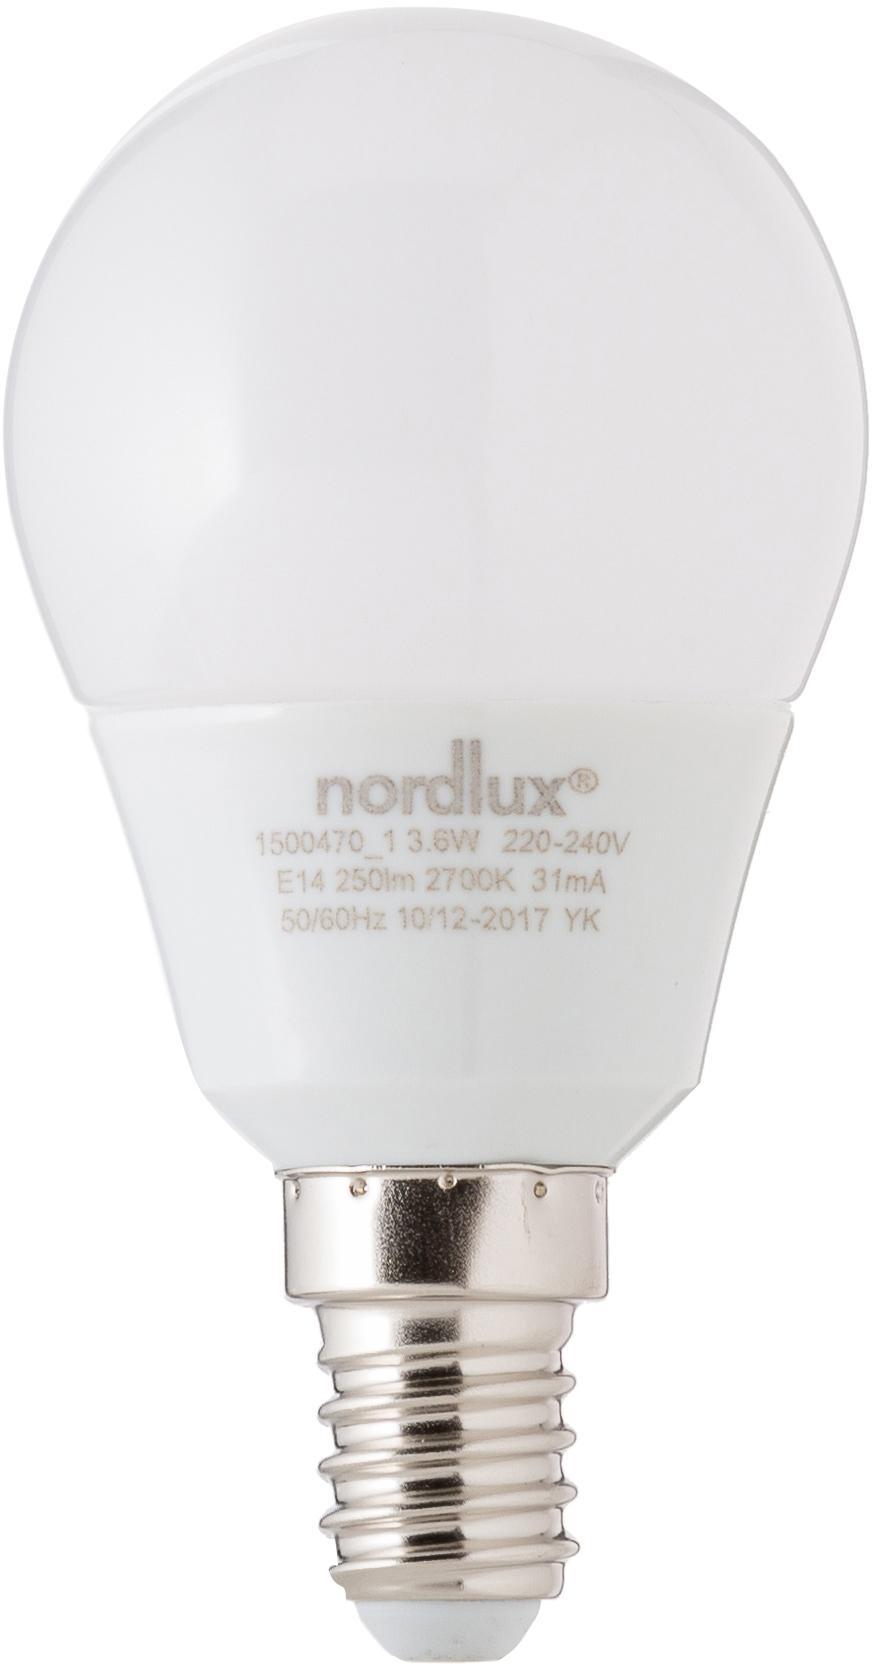 LED lamp Azer (E14 / 4W) 5 stuks, Peertje: opaalglas, Fitting: aluminium, Wit, Ø 5 x H 9 cm